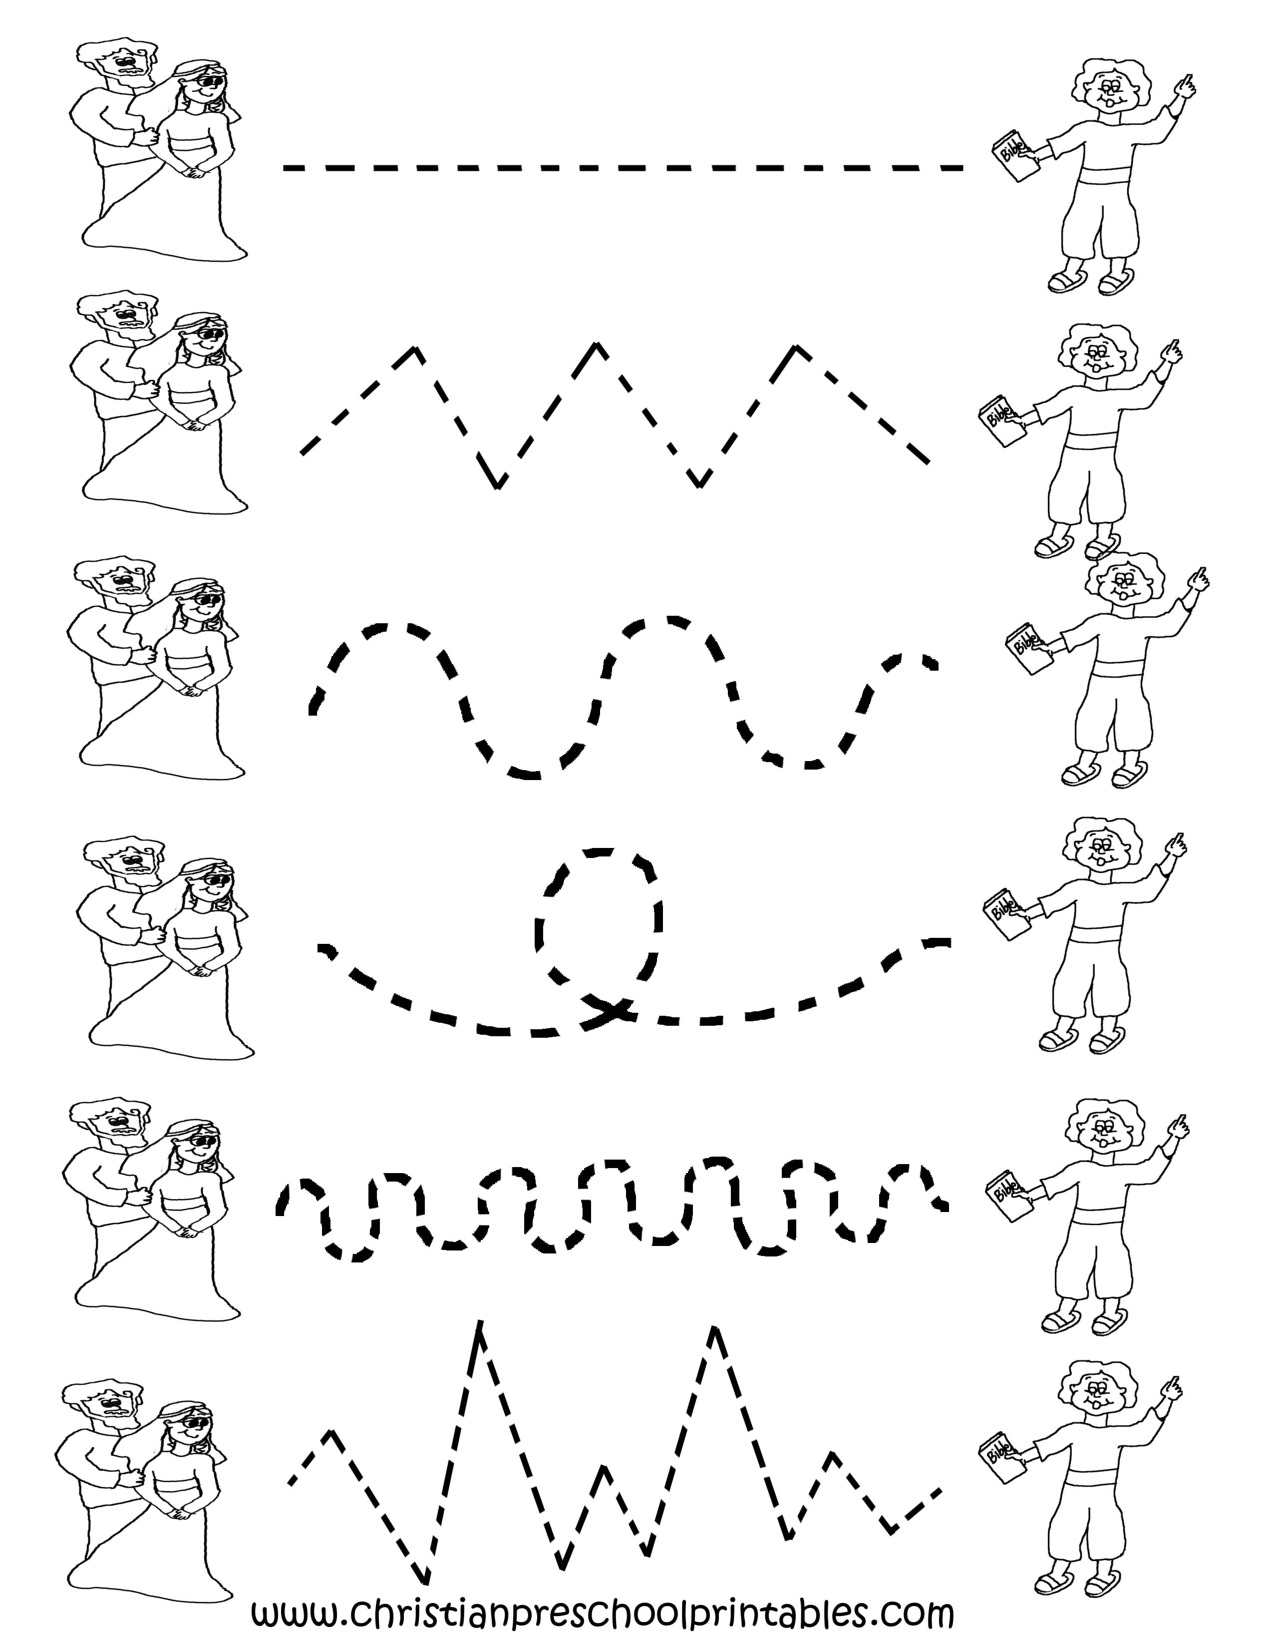 Free Printable Science Worksheets : Pre k science worksheets preschool free